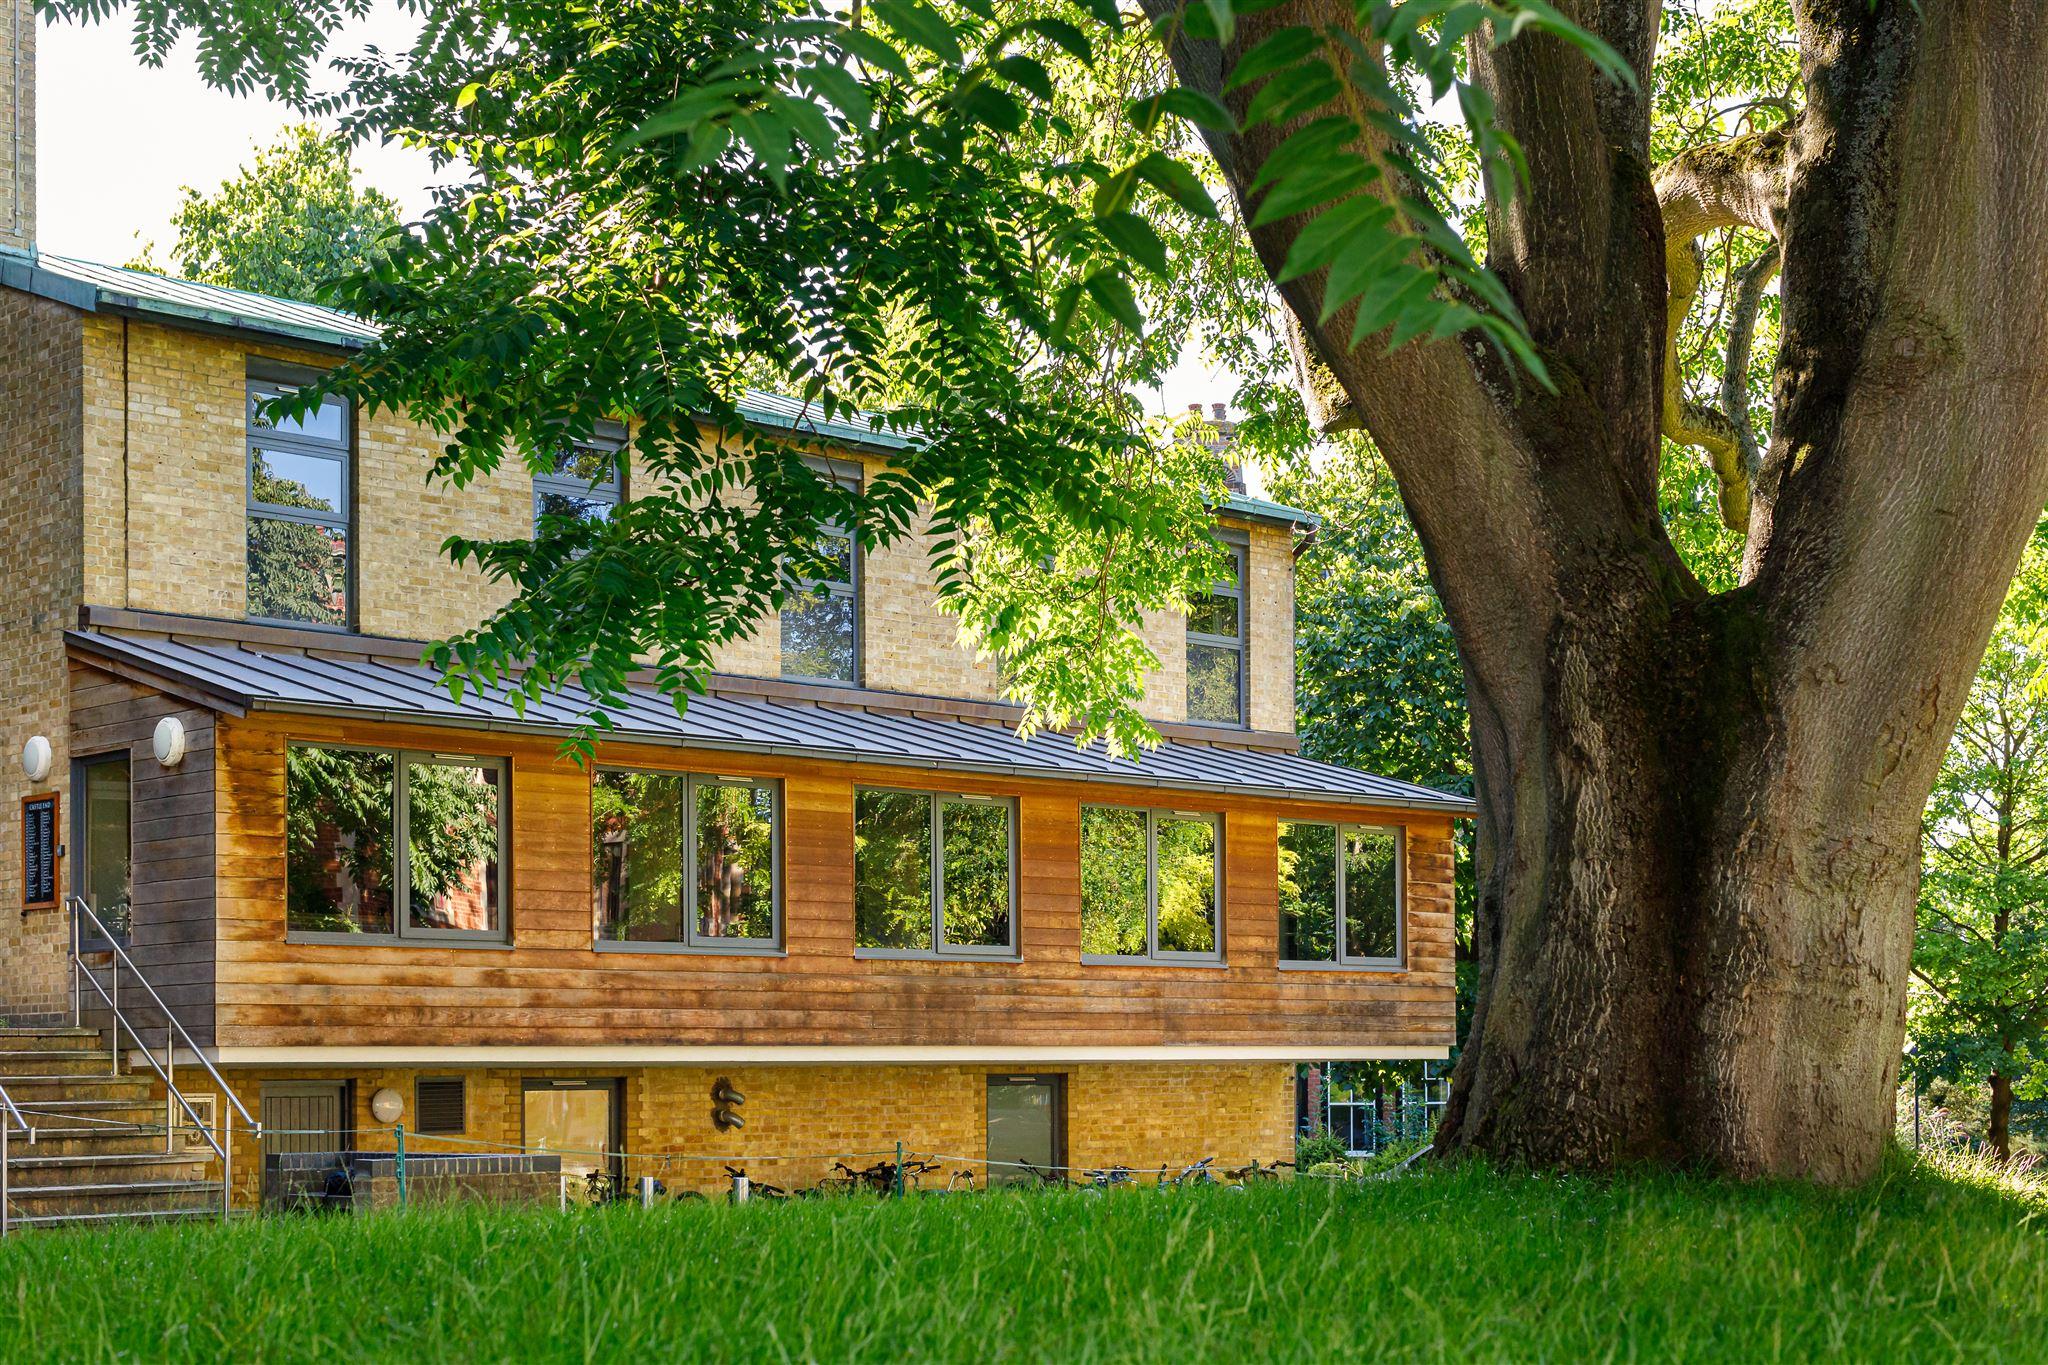 Clare College Cambridge